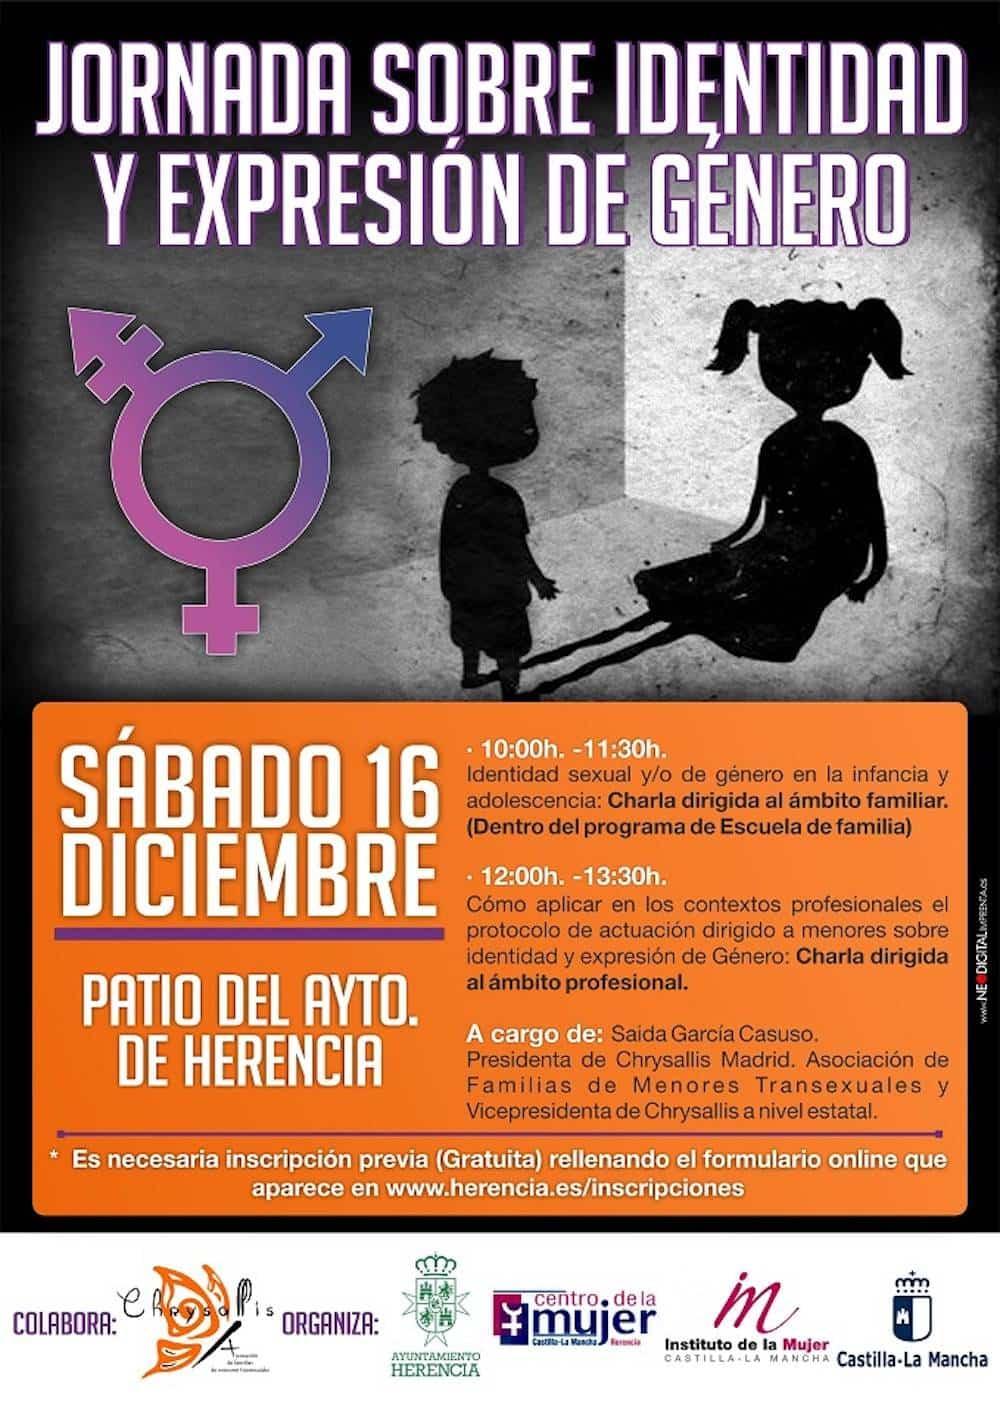 Jornadas sobre identidad y expresión de género en Herencia 3